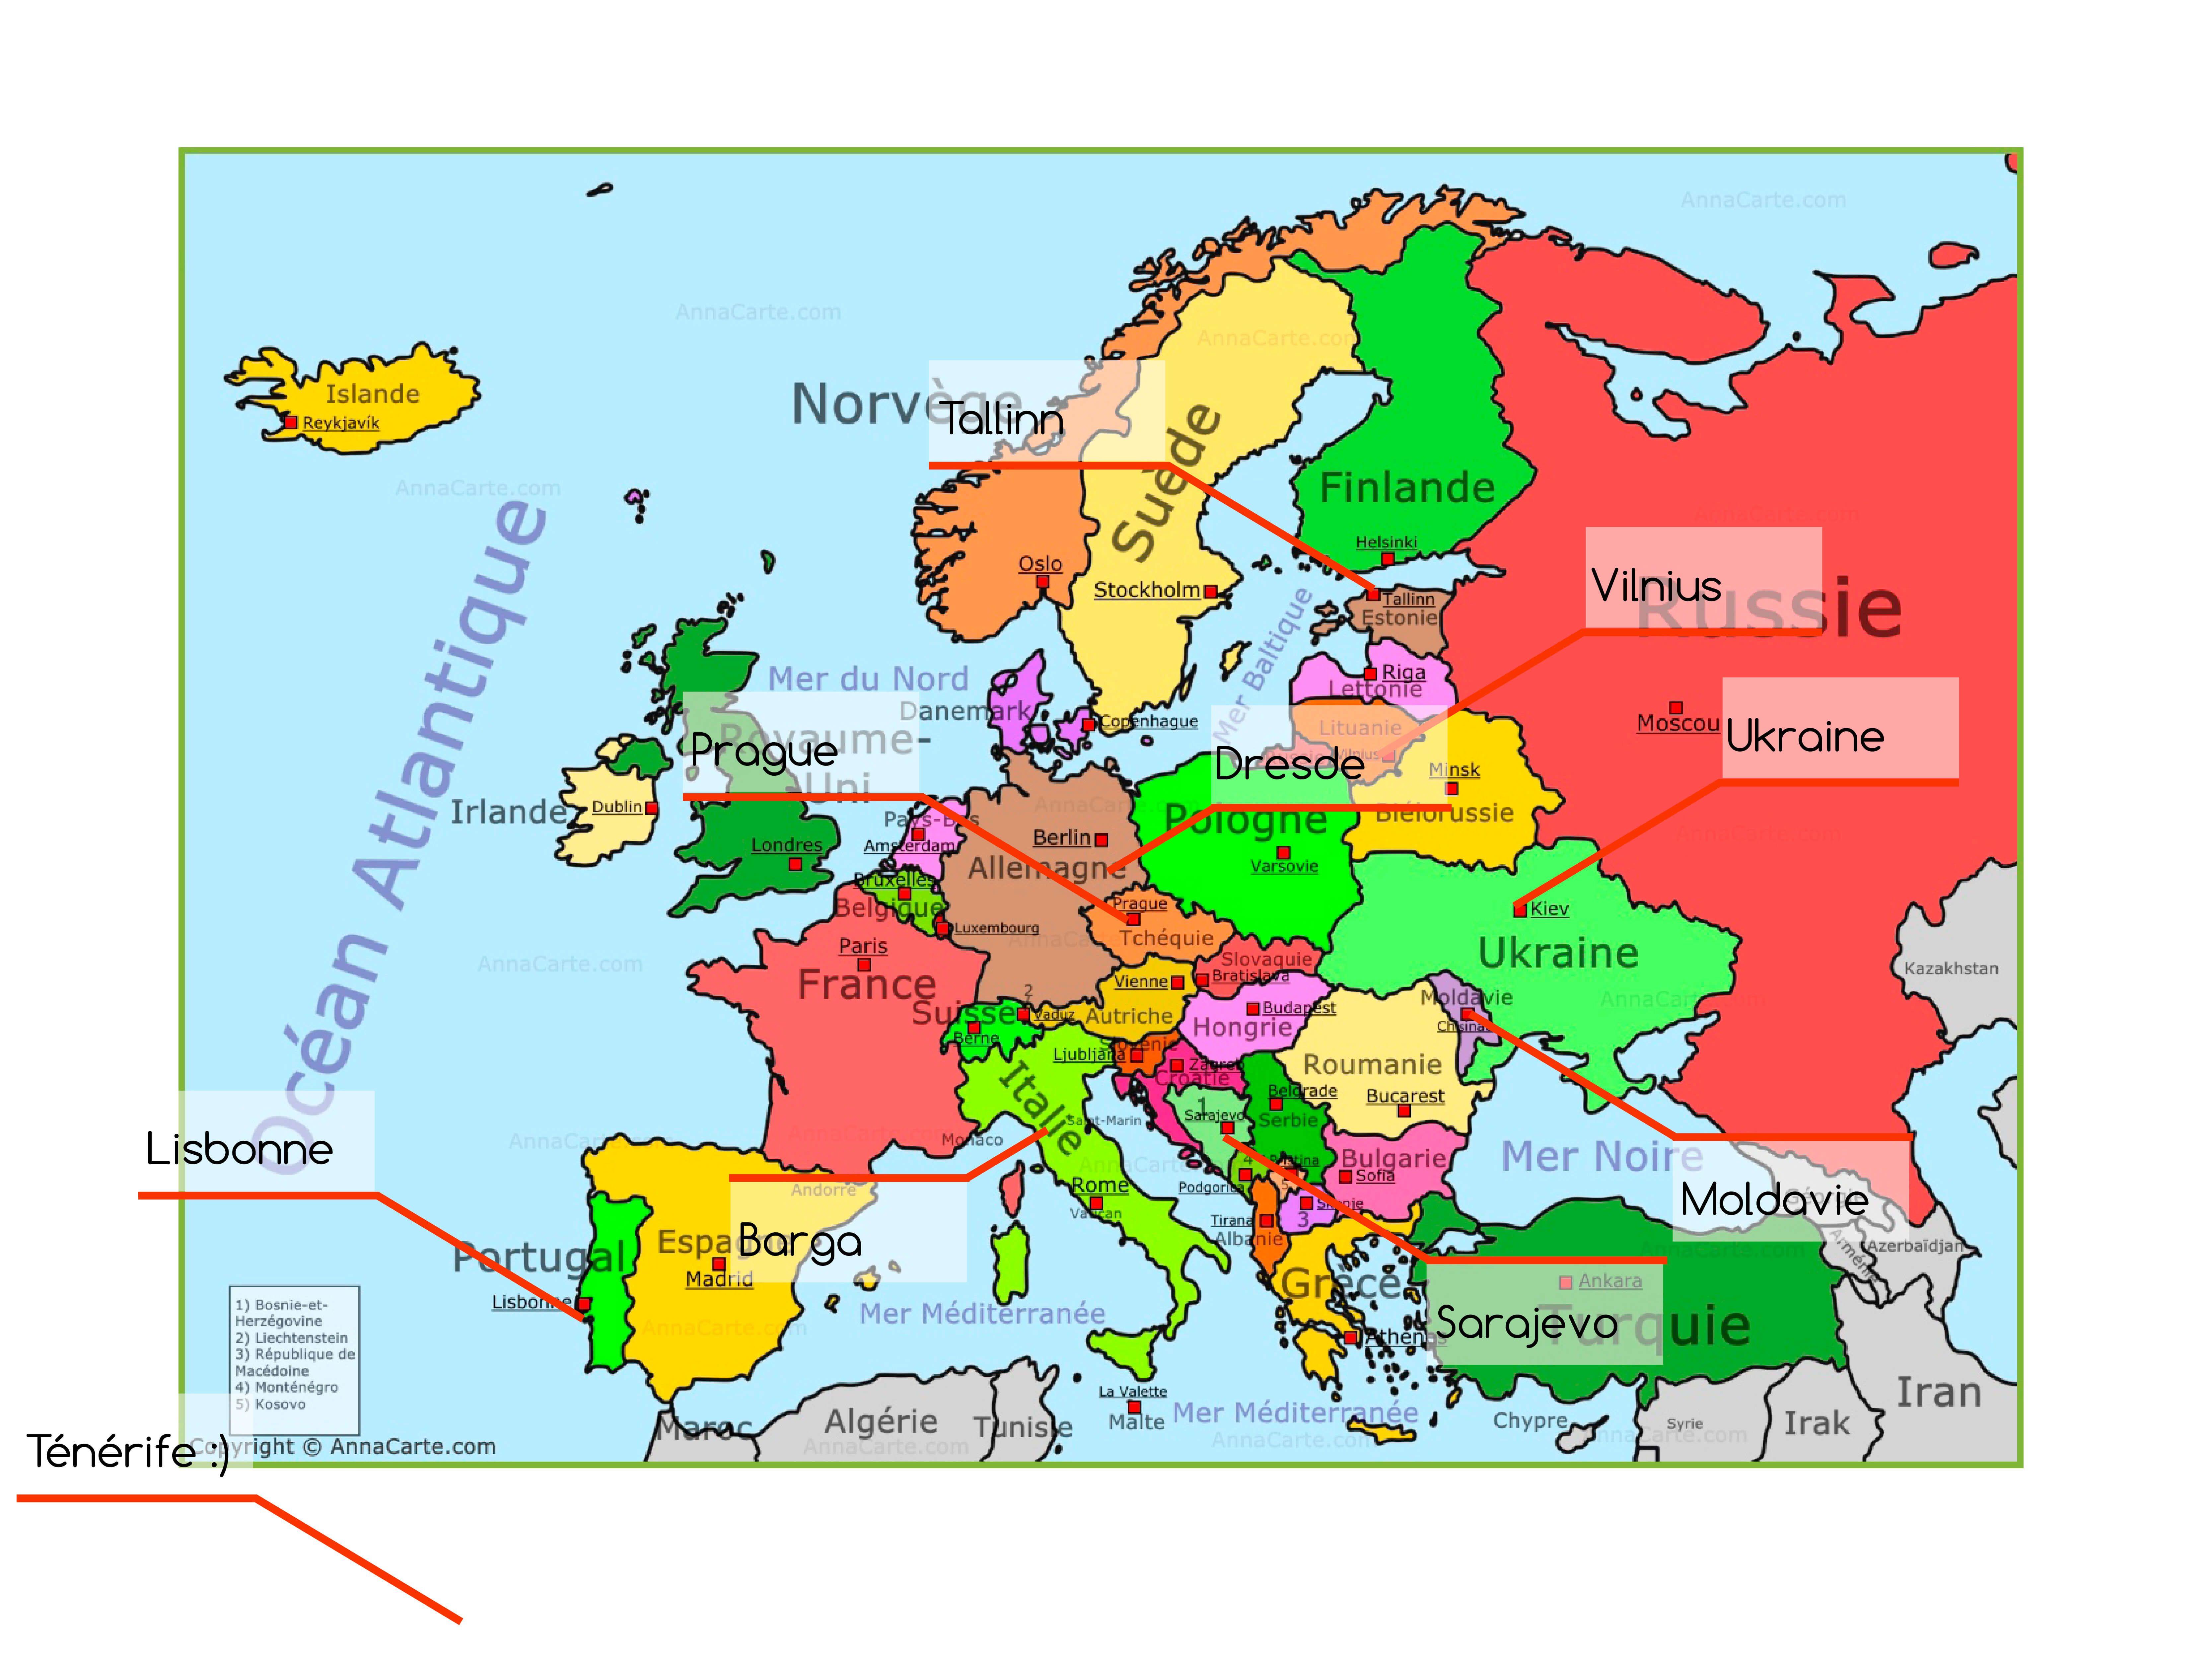 Destinations De Reve En Europe Pas Cher Pour Partir En Week End Destination De Reve Idee Voyage Europe Voyage Petit Budget